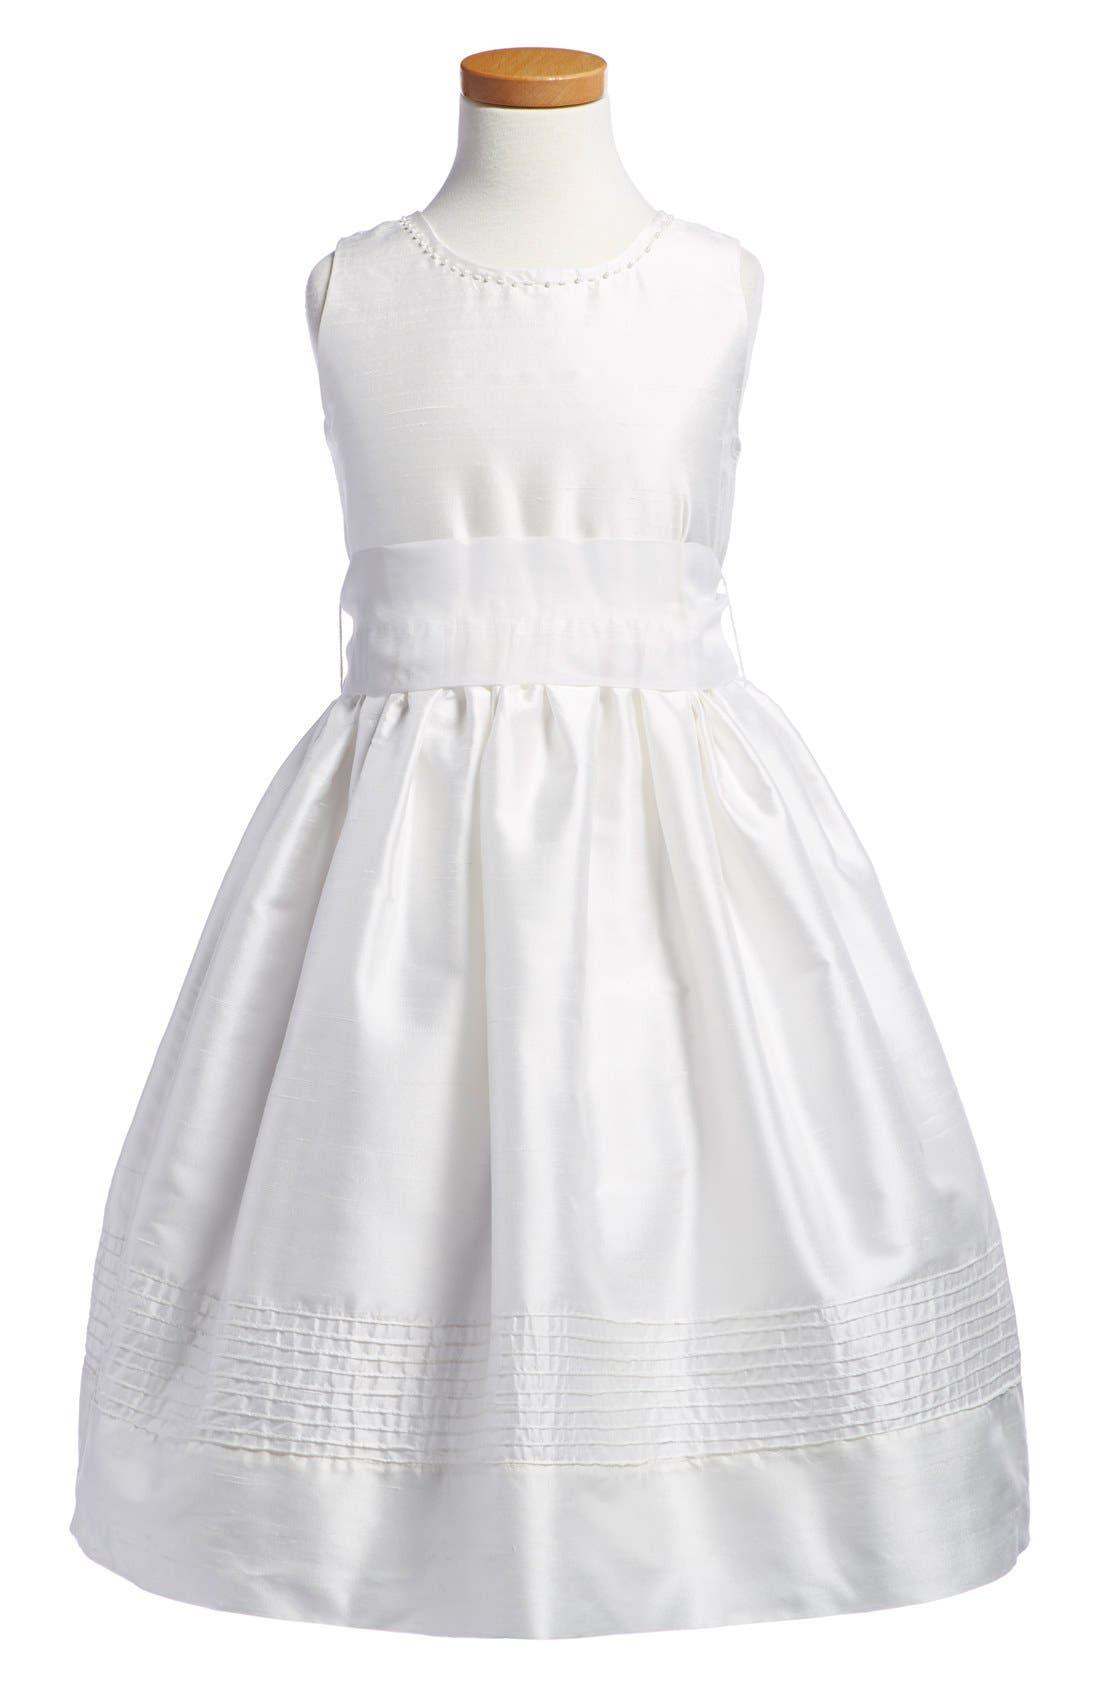 Main Image - Isabel Garreton 'Melody' Sleeveless Dress (Toddler Girls)